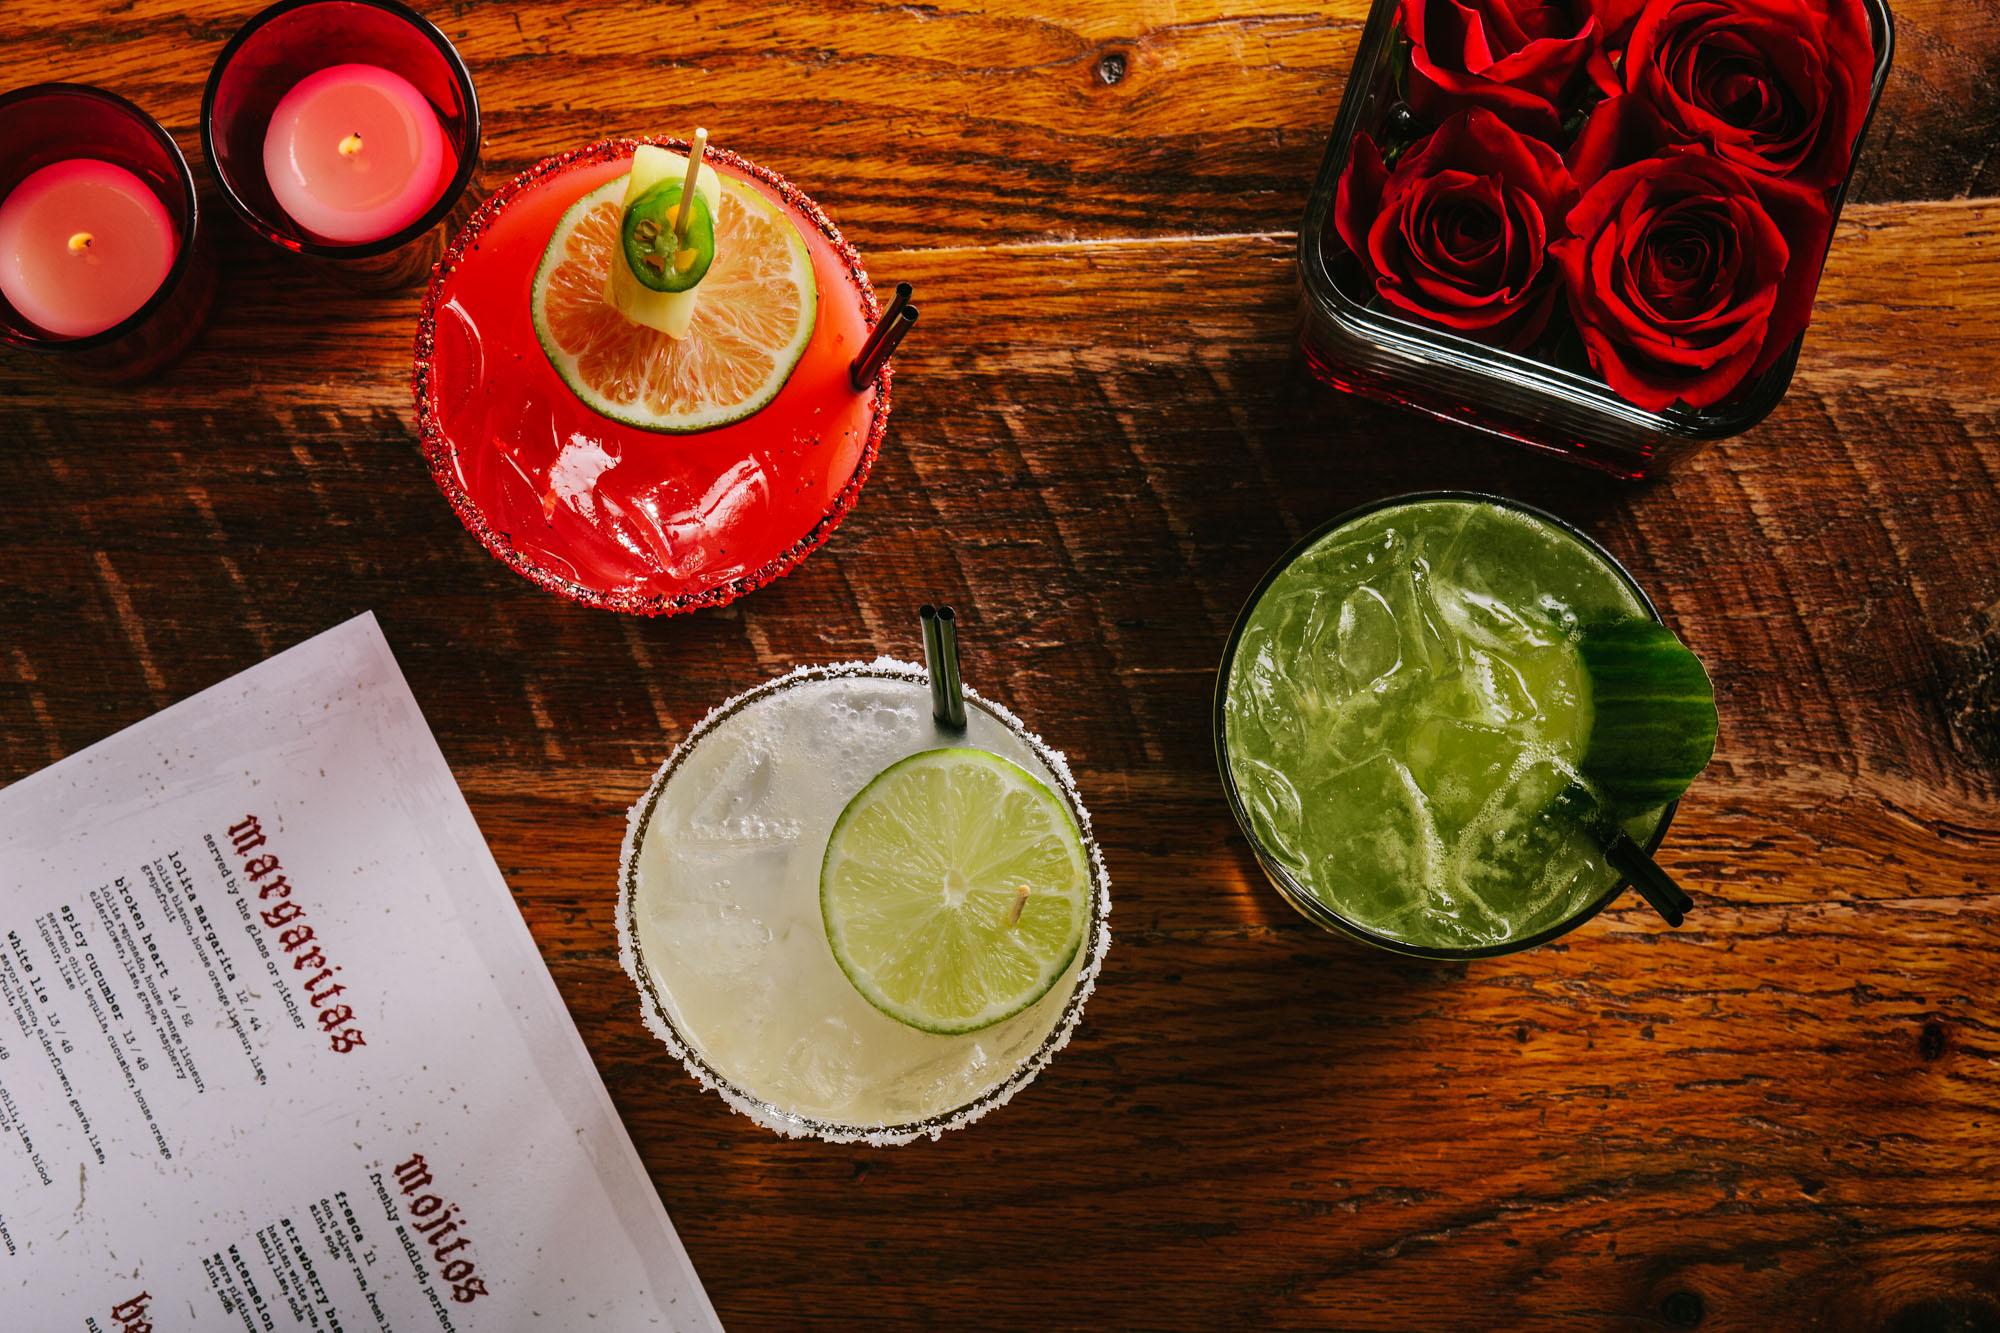 Cocktail photo by Adam DeTour